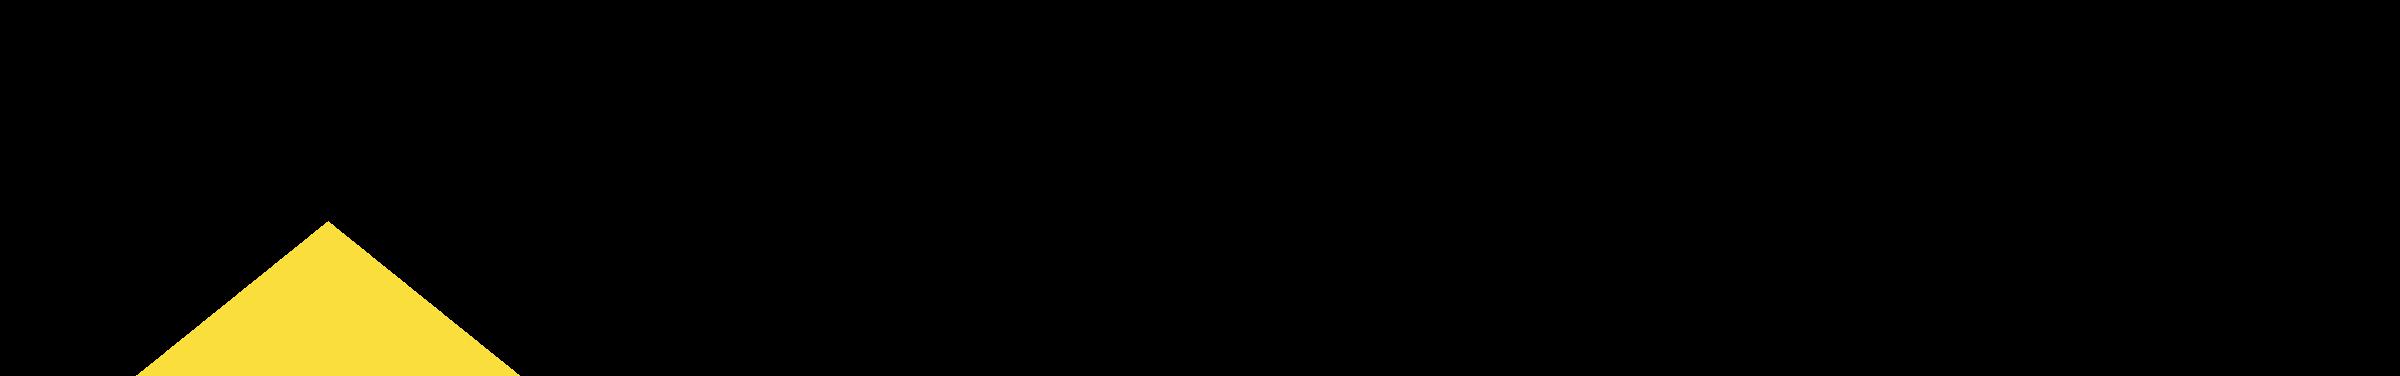 caterpillar-logo-logo-png-transparent.png